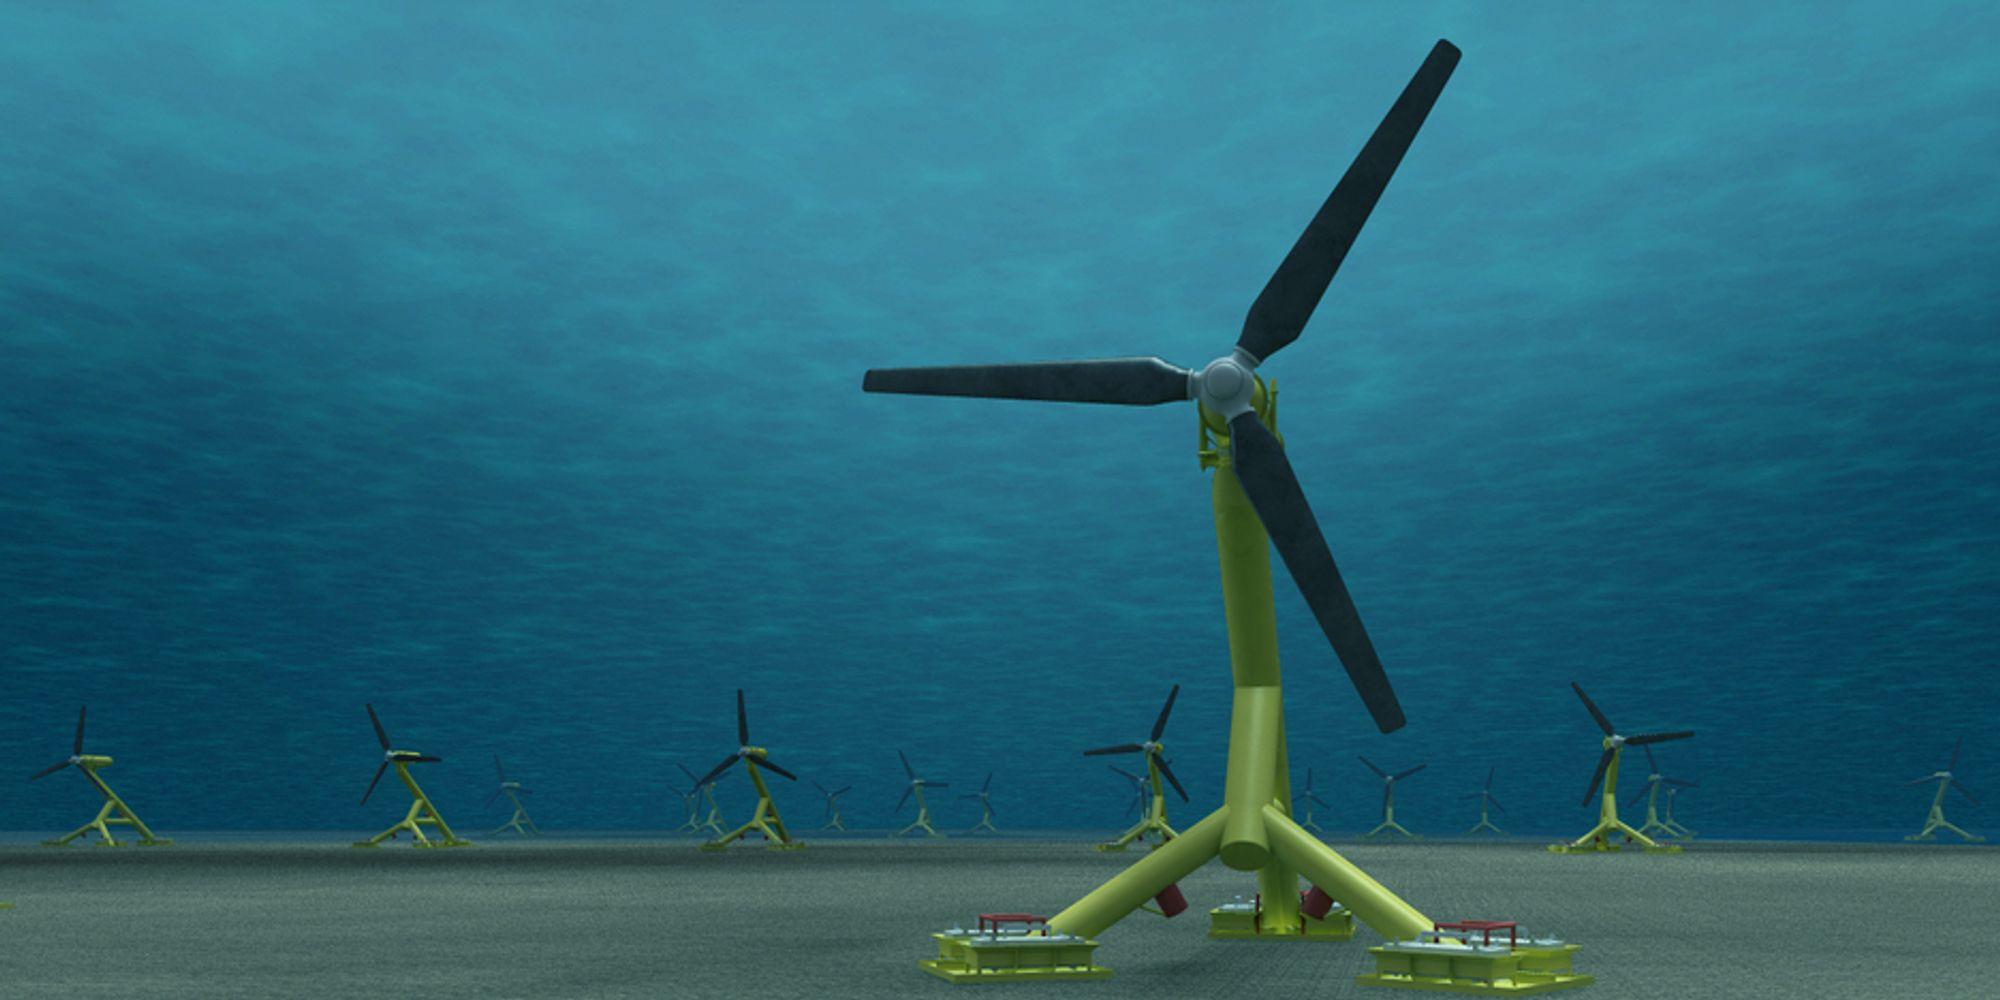 TIDEVANNSENERGI: Hammerfest Strøm UK har delt ut kontrakter for understellet til turbinen HS 1000, som er på 1 megawatt. Skotske bedrifter posisjonerer seg kraftig i leverandørmarkedet for tidevannsenergi.